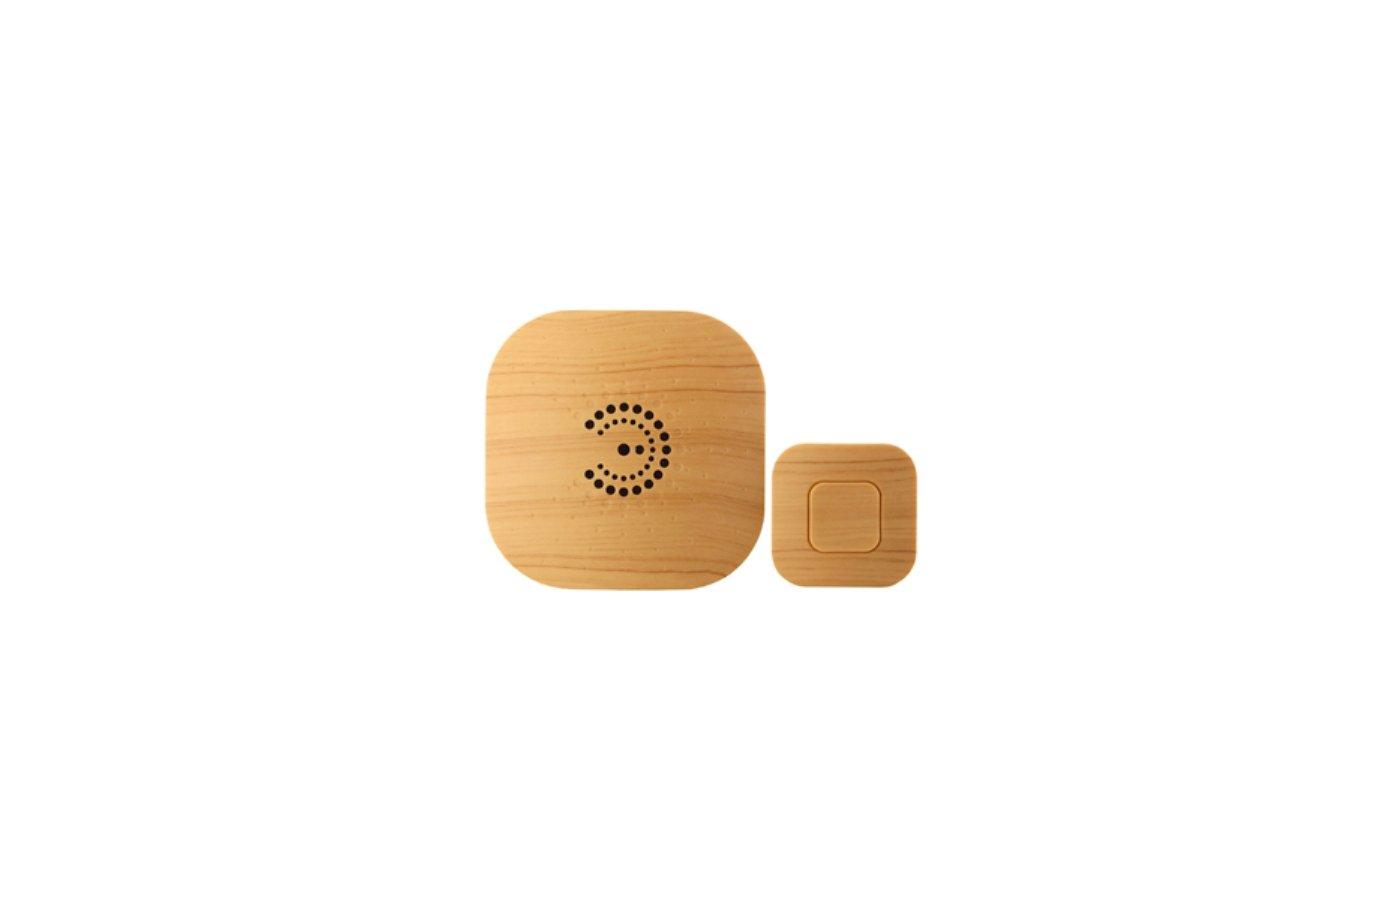 Дверной звонок ЭРА BIONIC Bright wood беспроводной